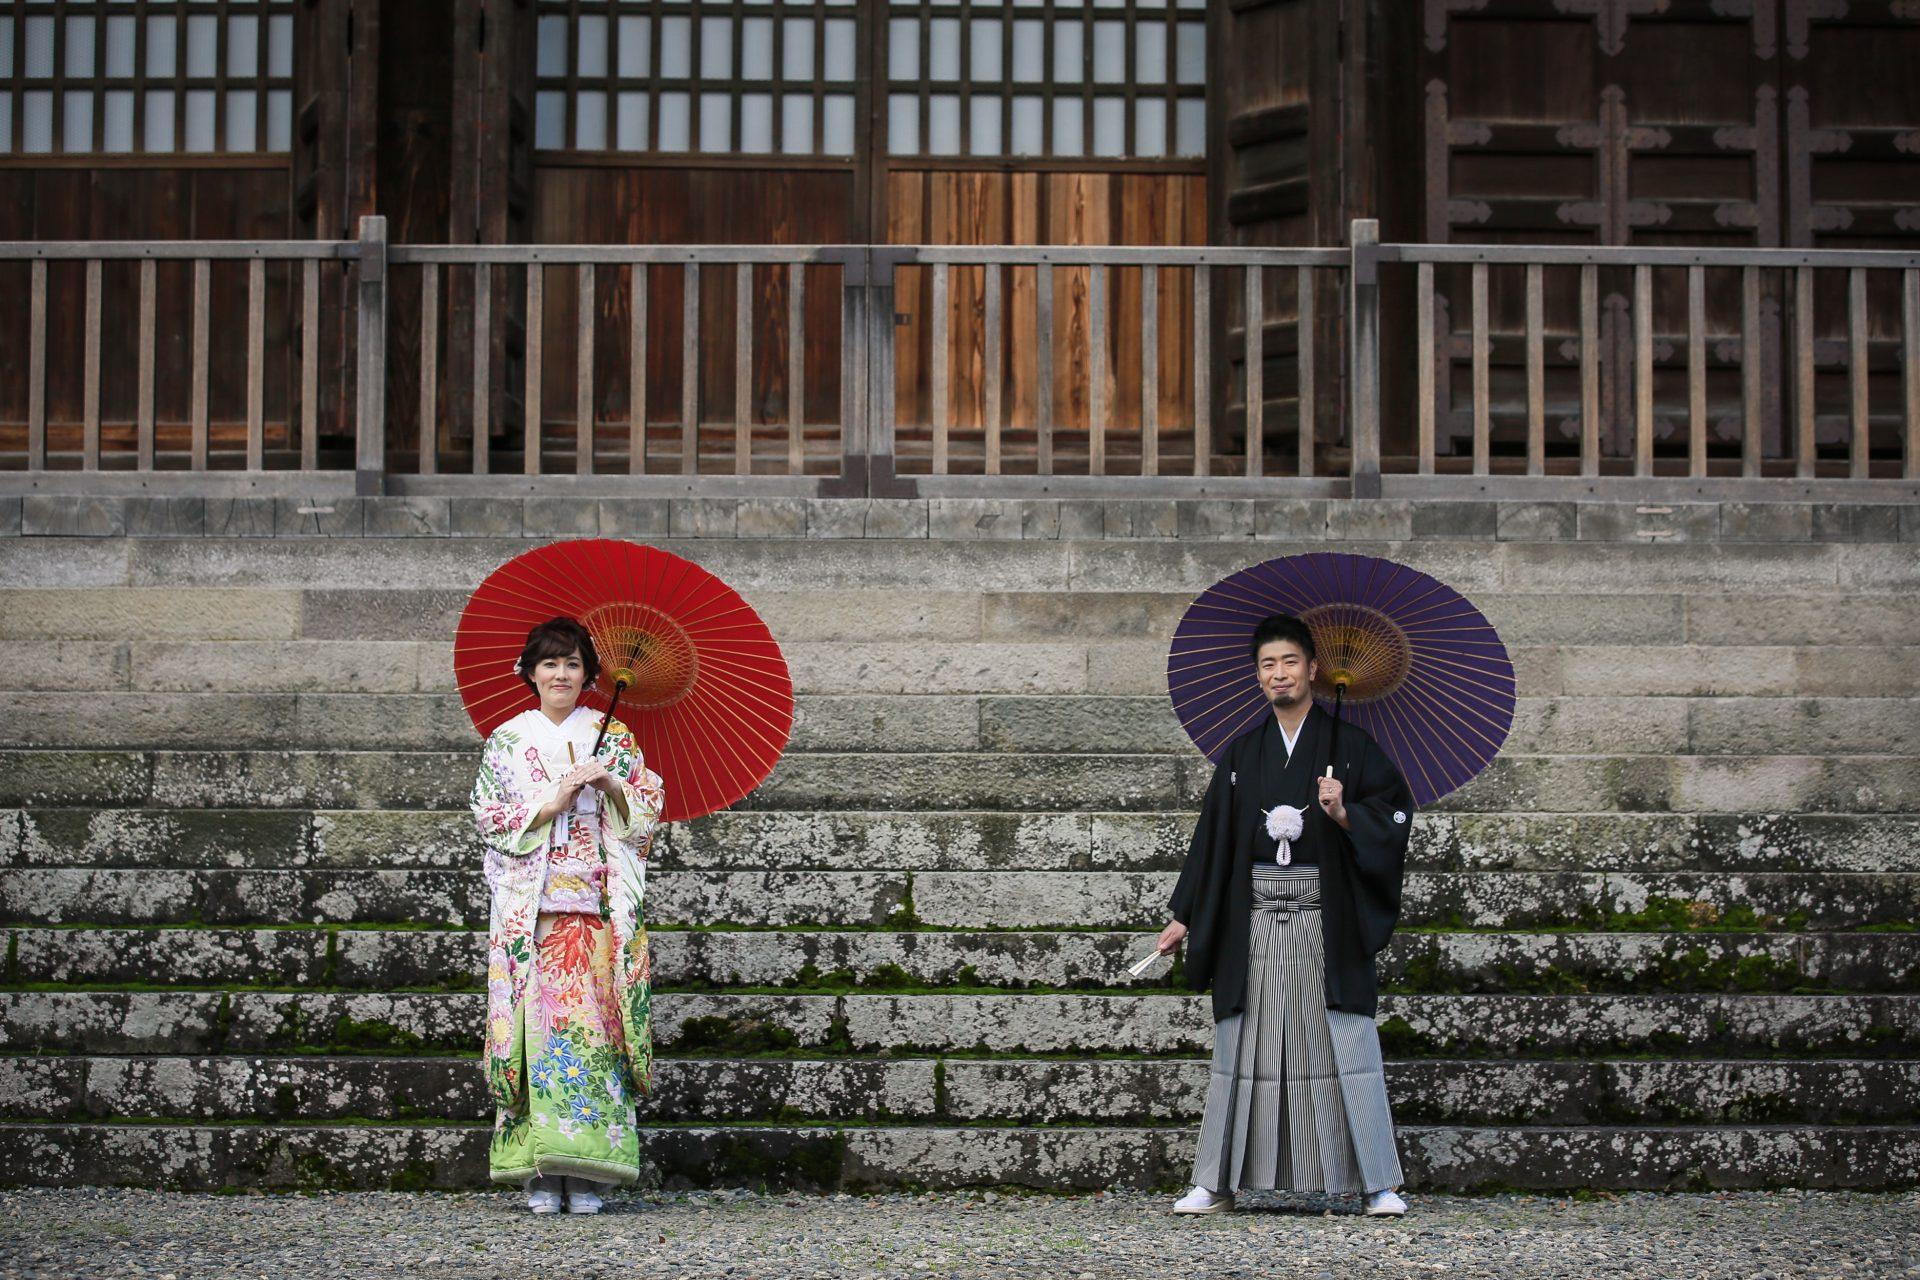 善光寺本堂前で鮮やかな赤と高貴な紫の番傘を持ちながら長野らしい前撮りを楽しまれたご新郎ご新婦様